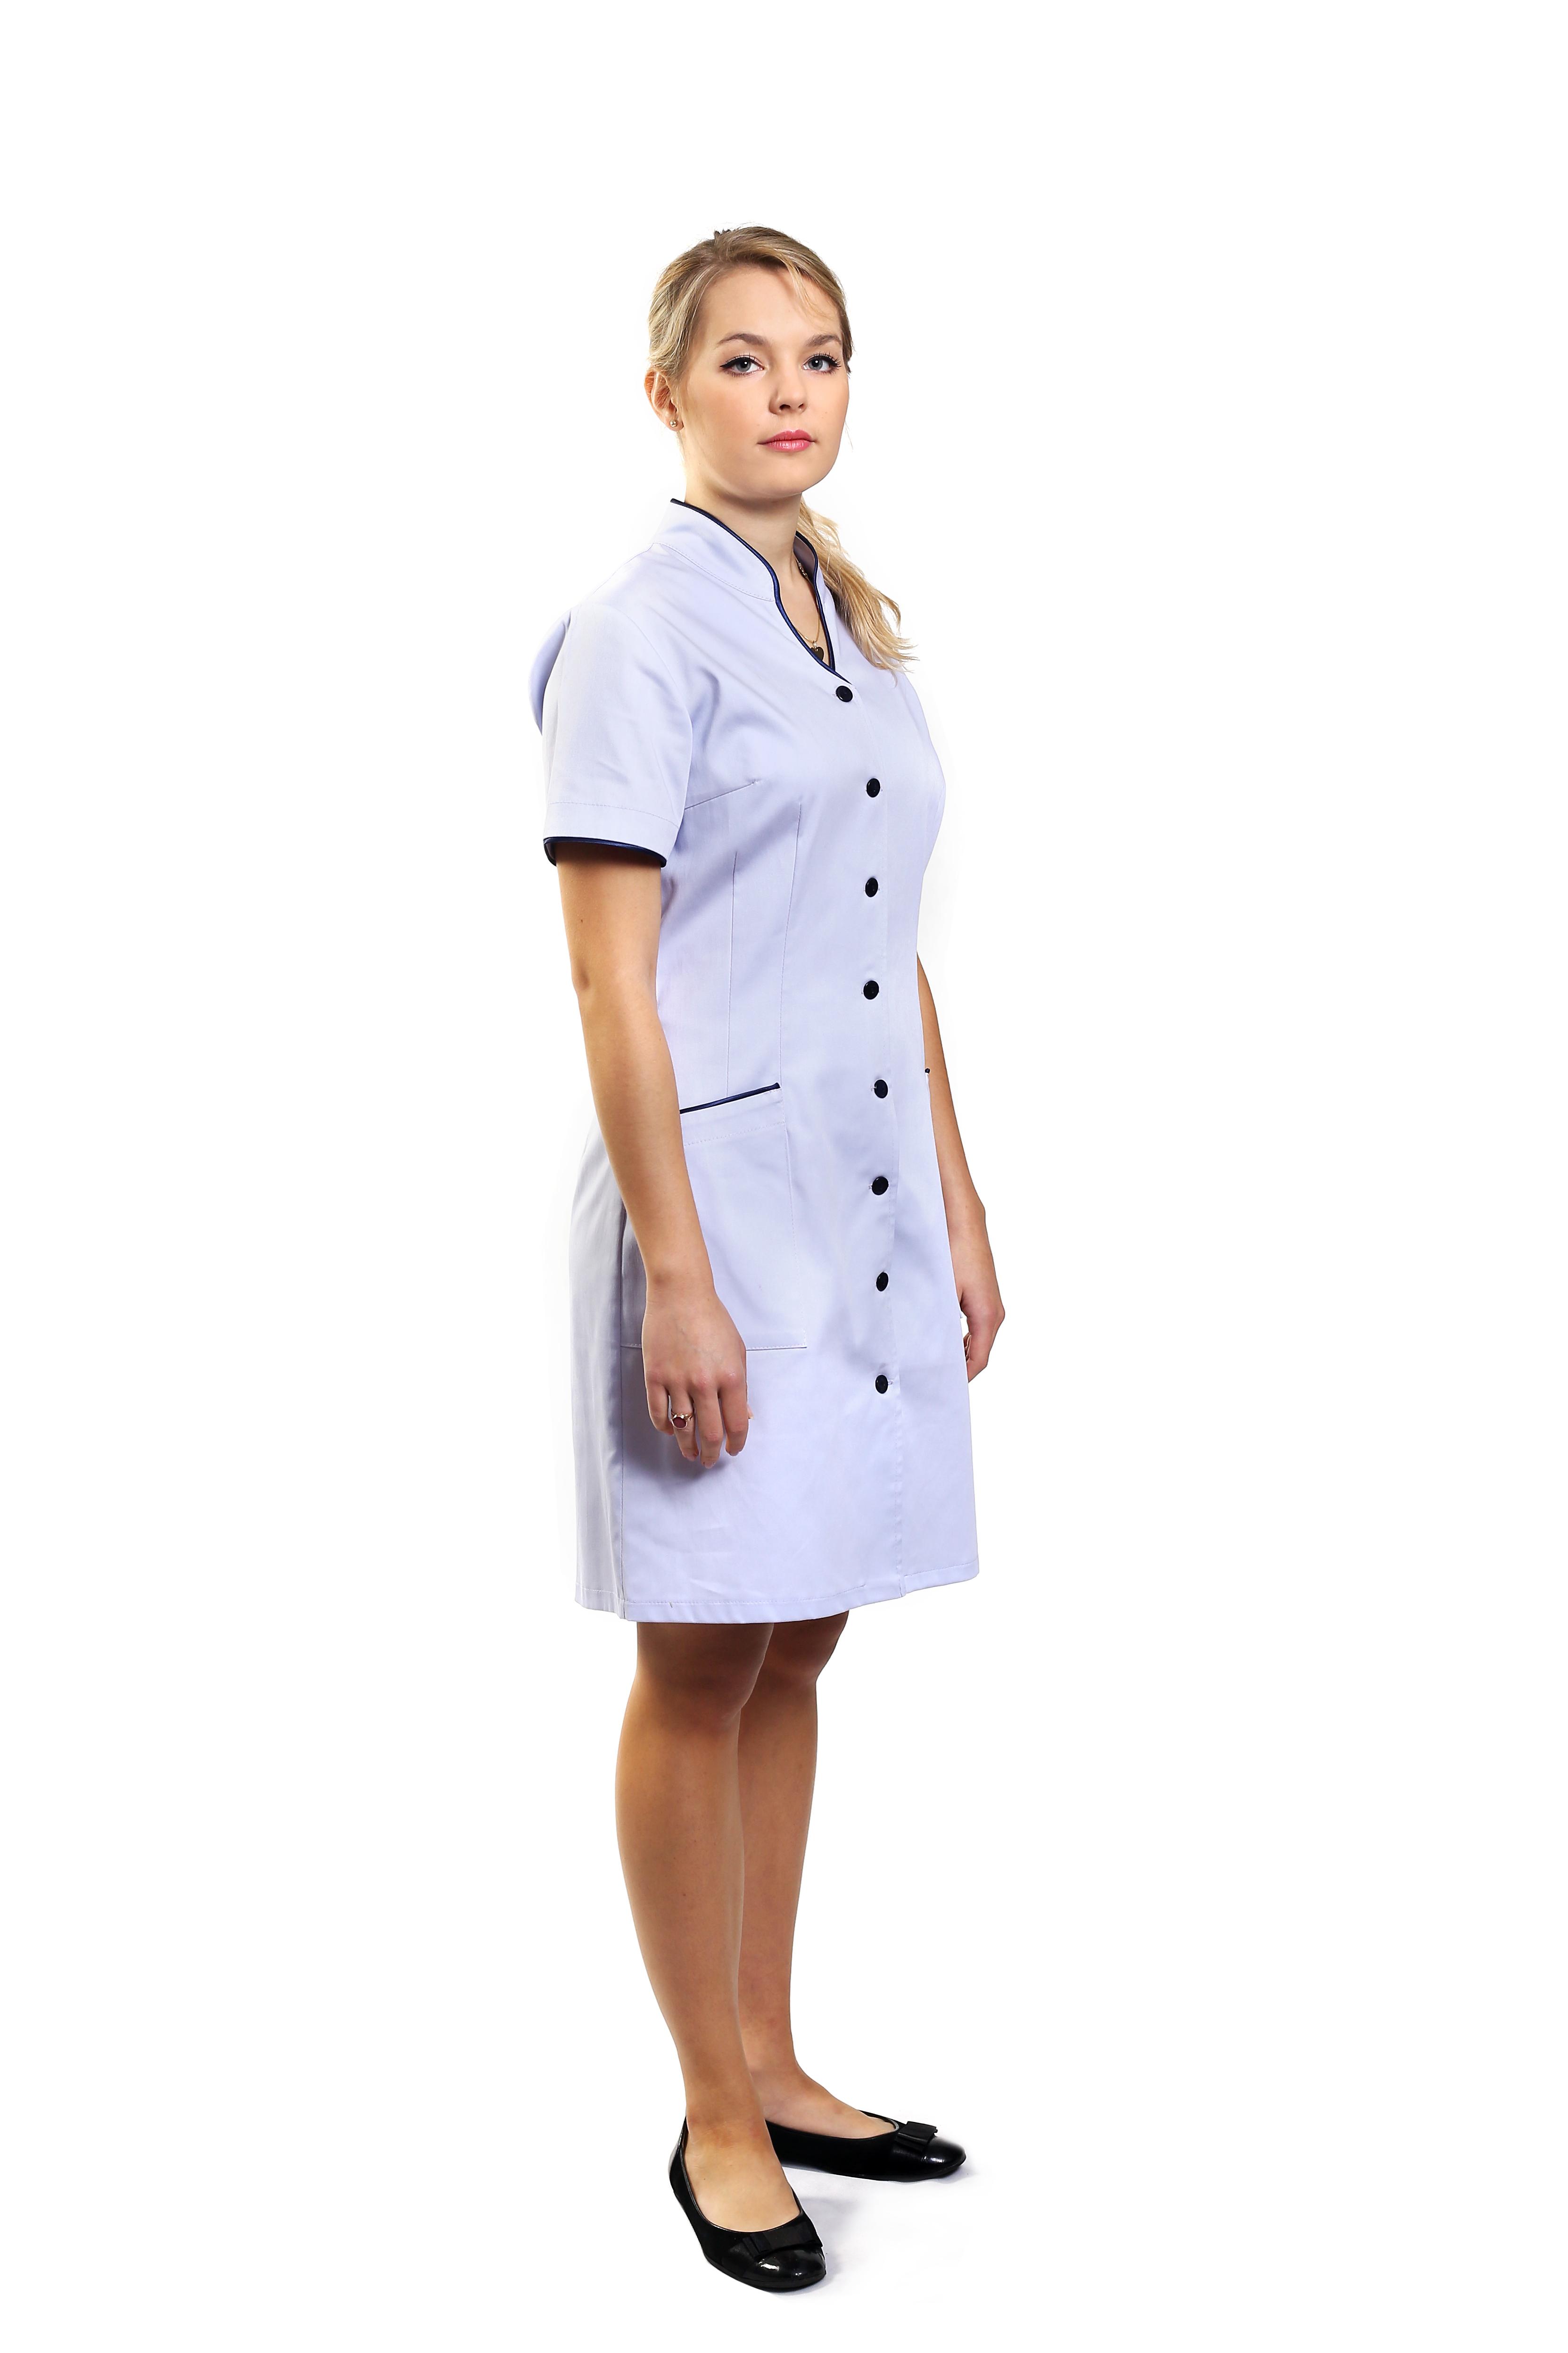 odziez-hotelowa-pokojowki-sprzatanie-personel-sukienka-fartuch